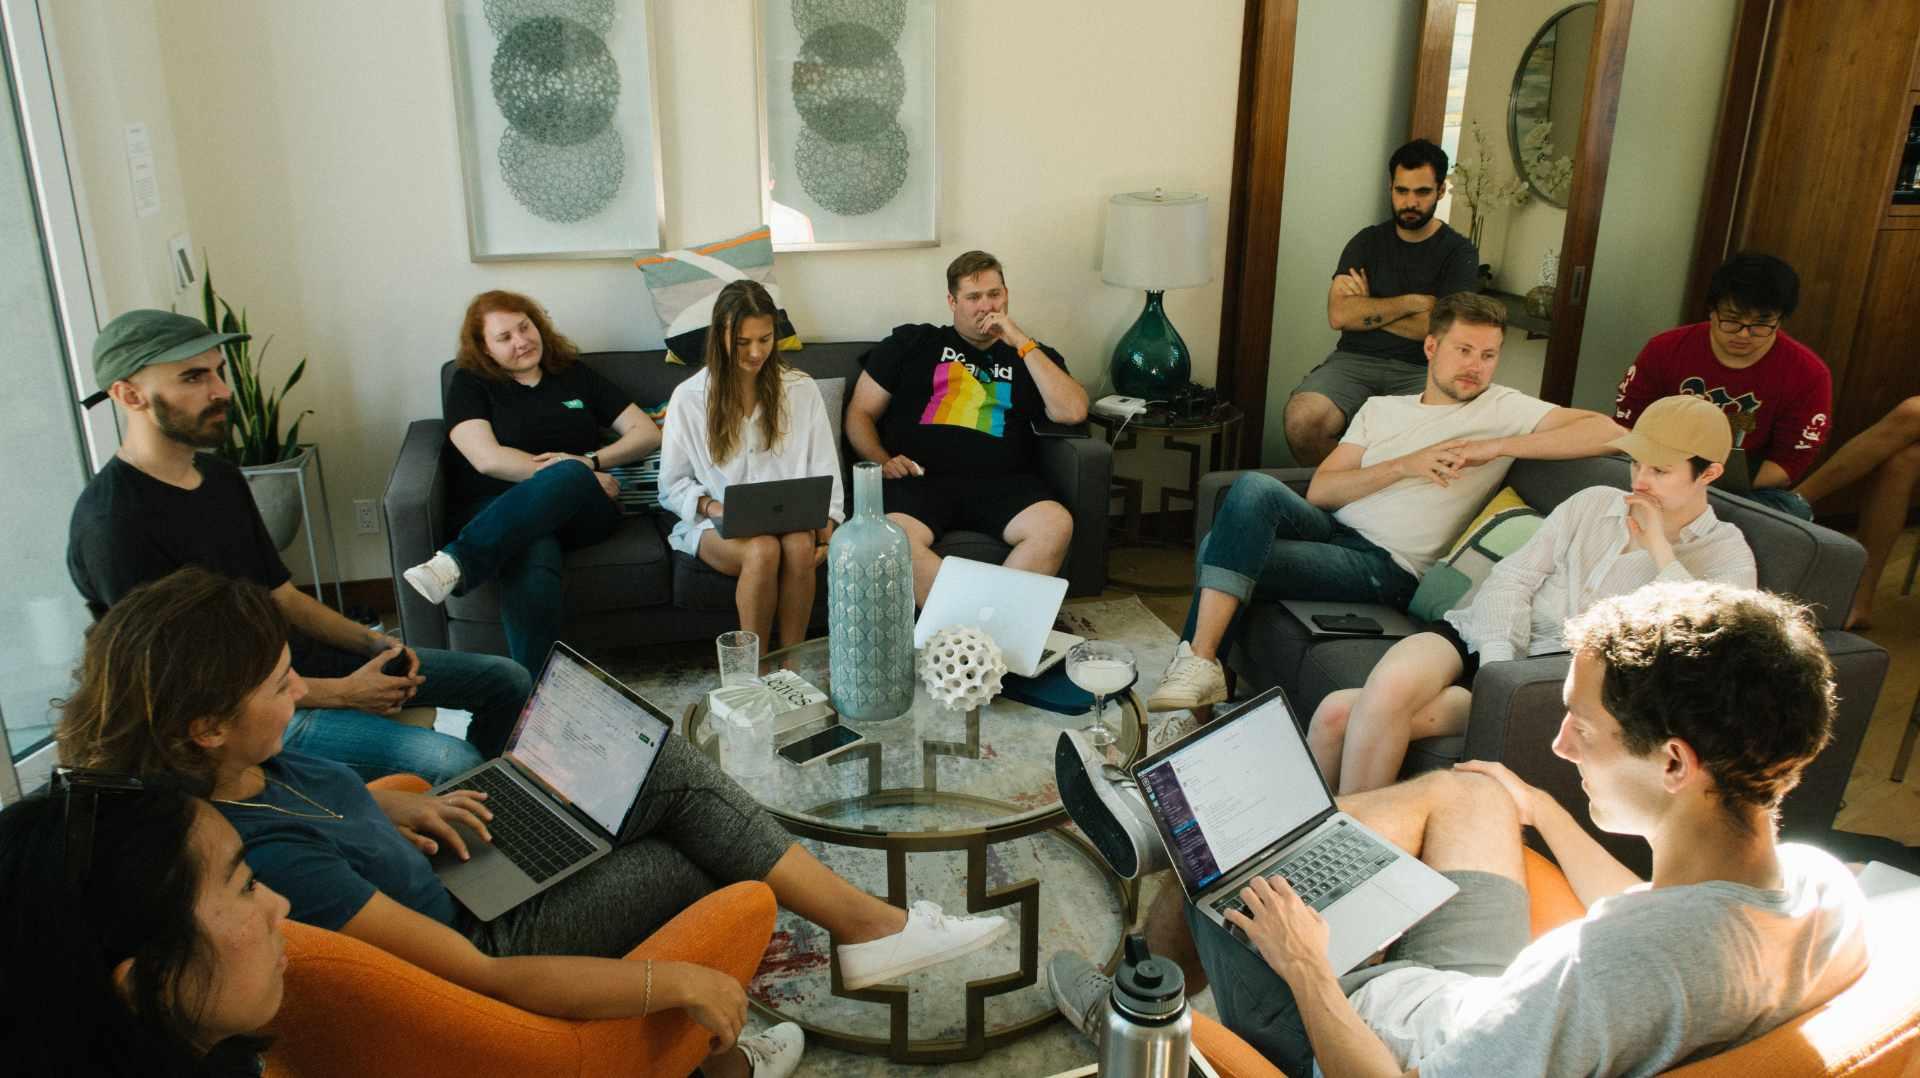 Gruppe sitzt und diskutiert